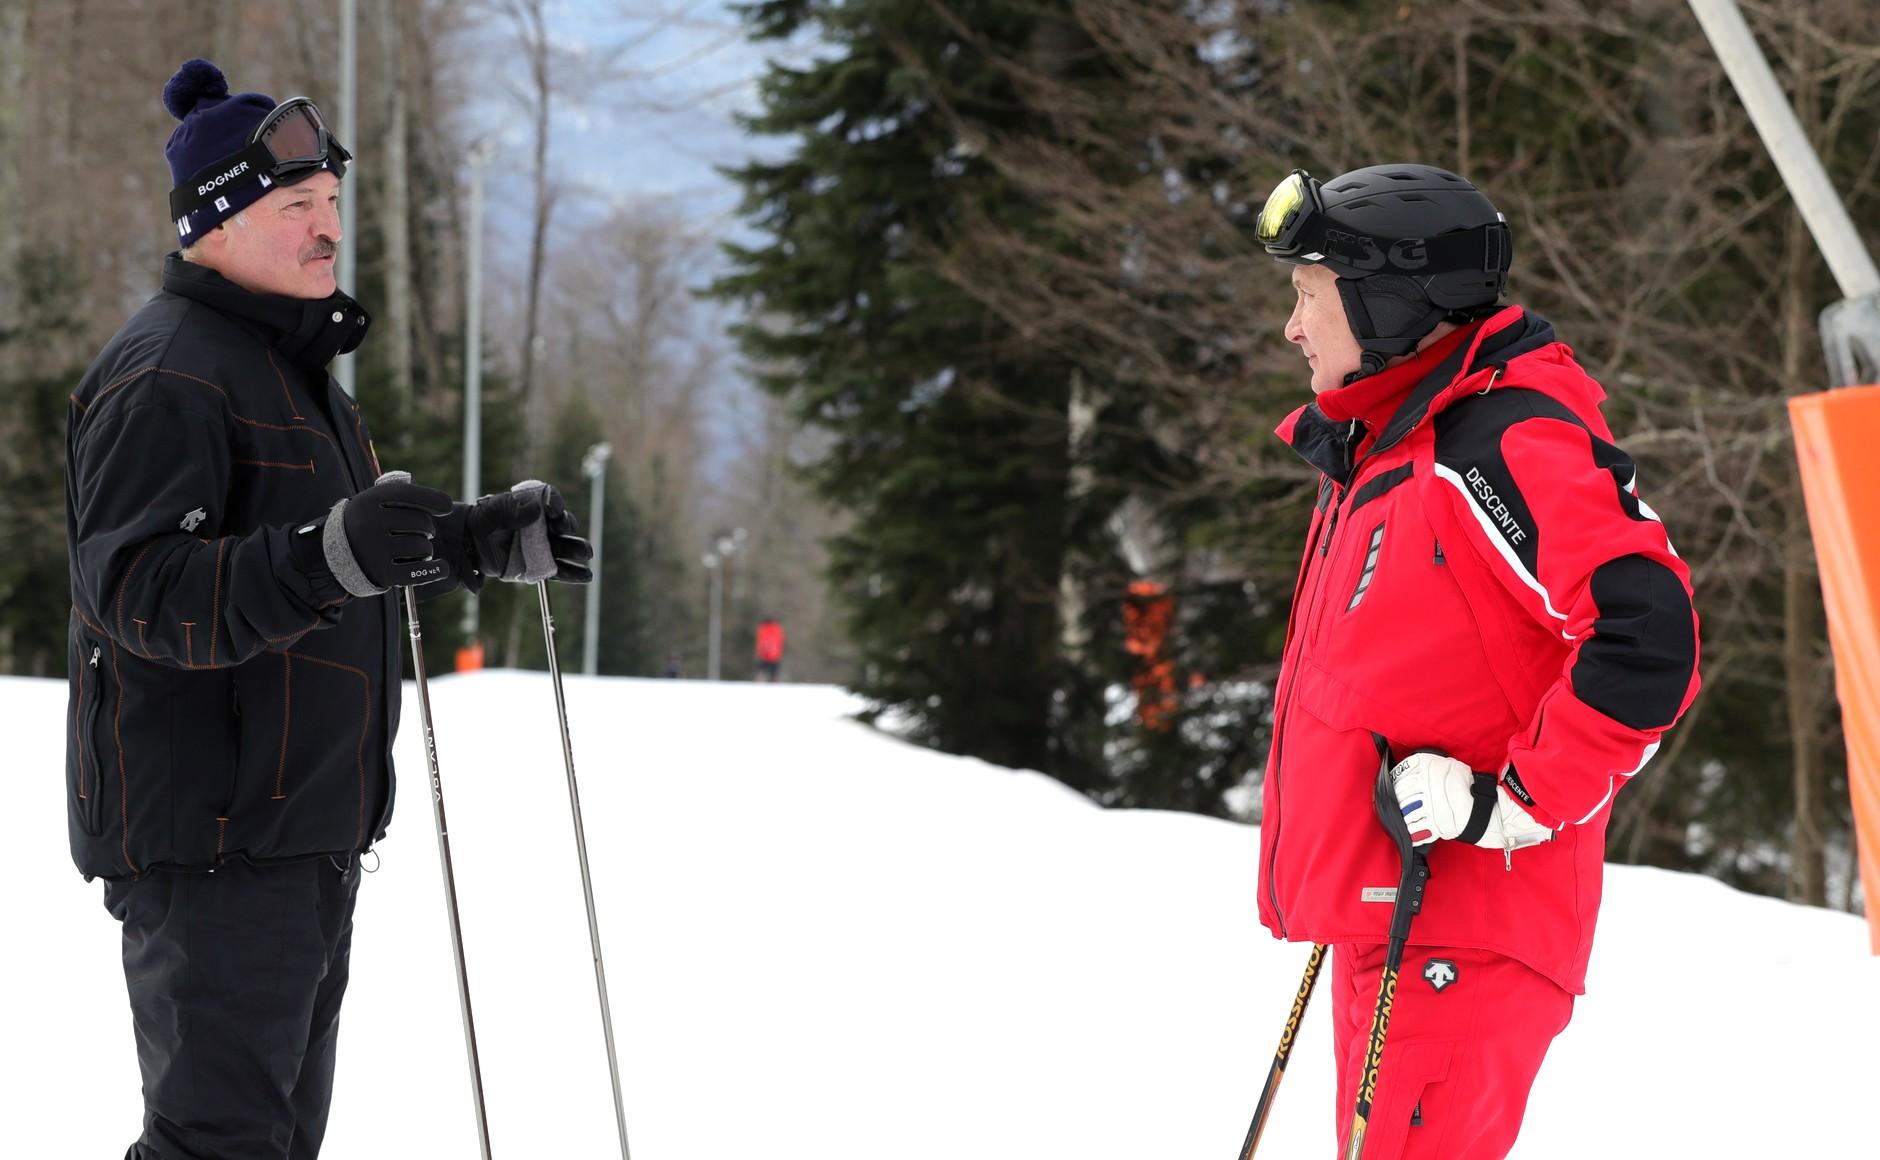 Фотофакт: Путин, Коля и Александр Лукашенко катаются на лыжах